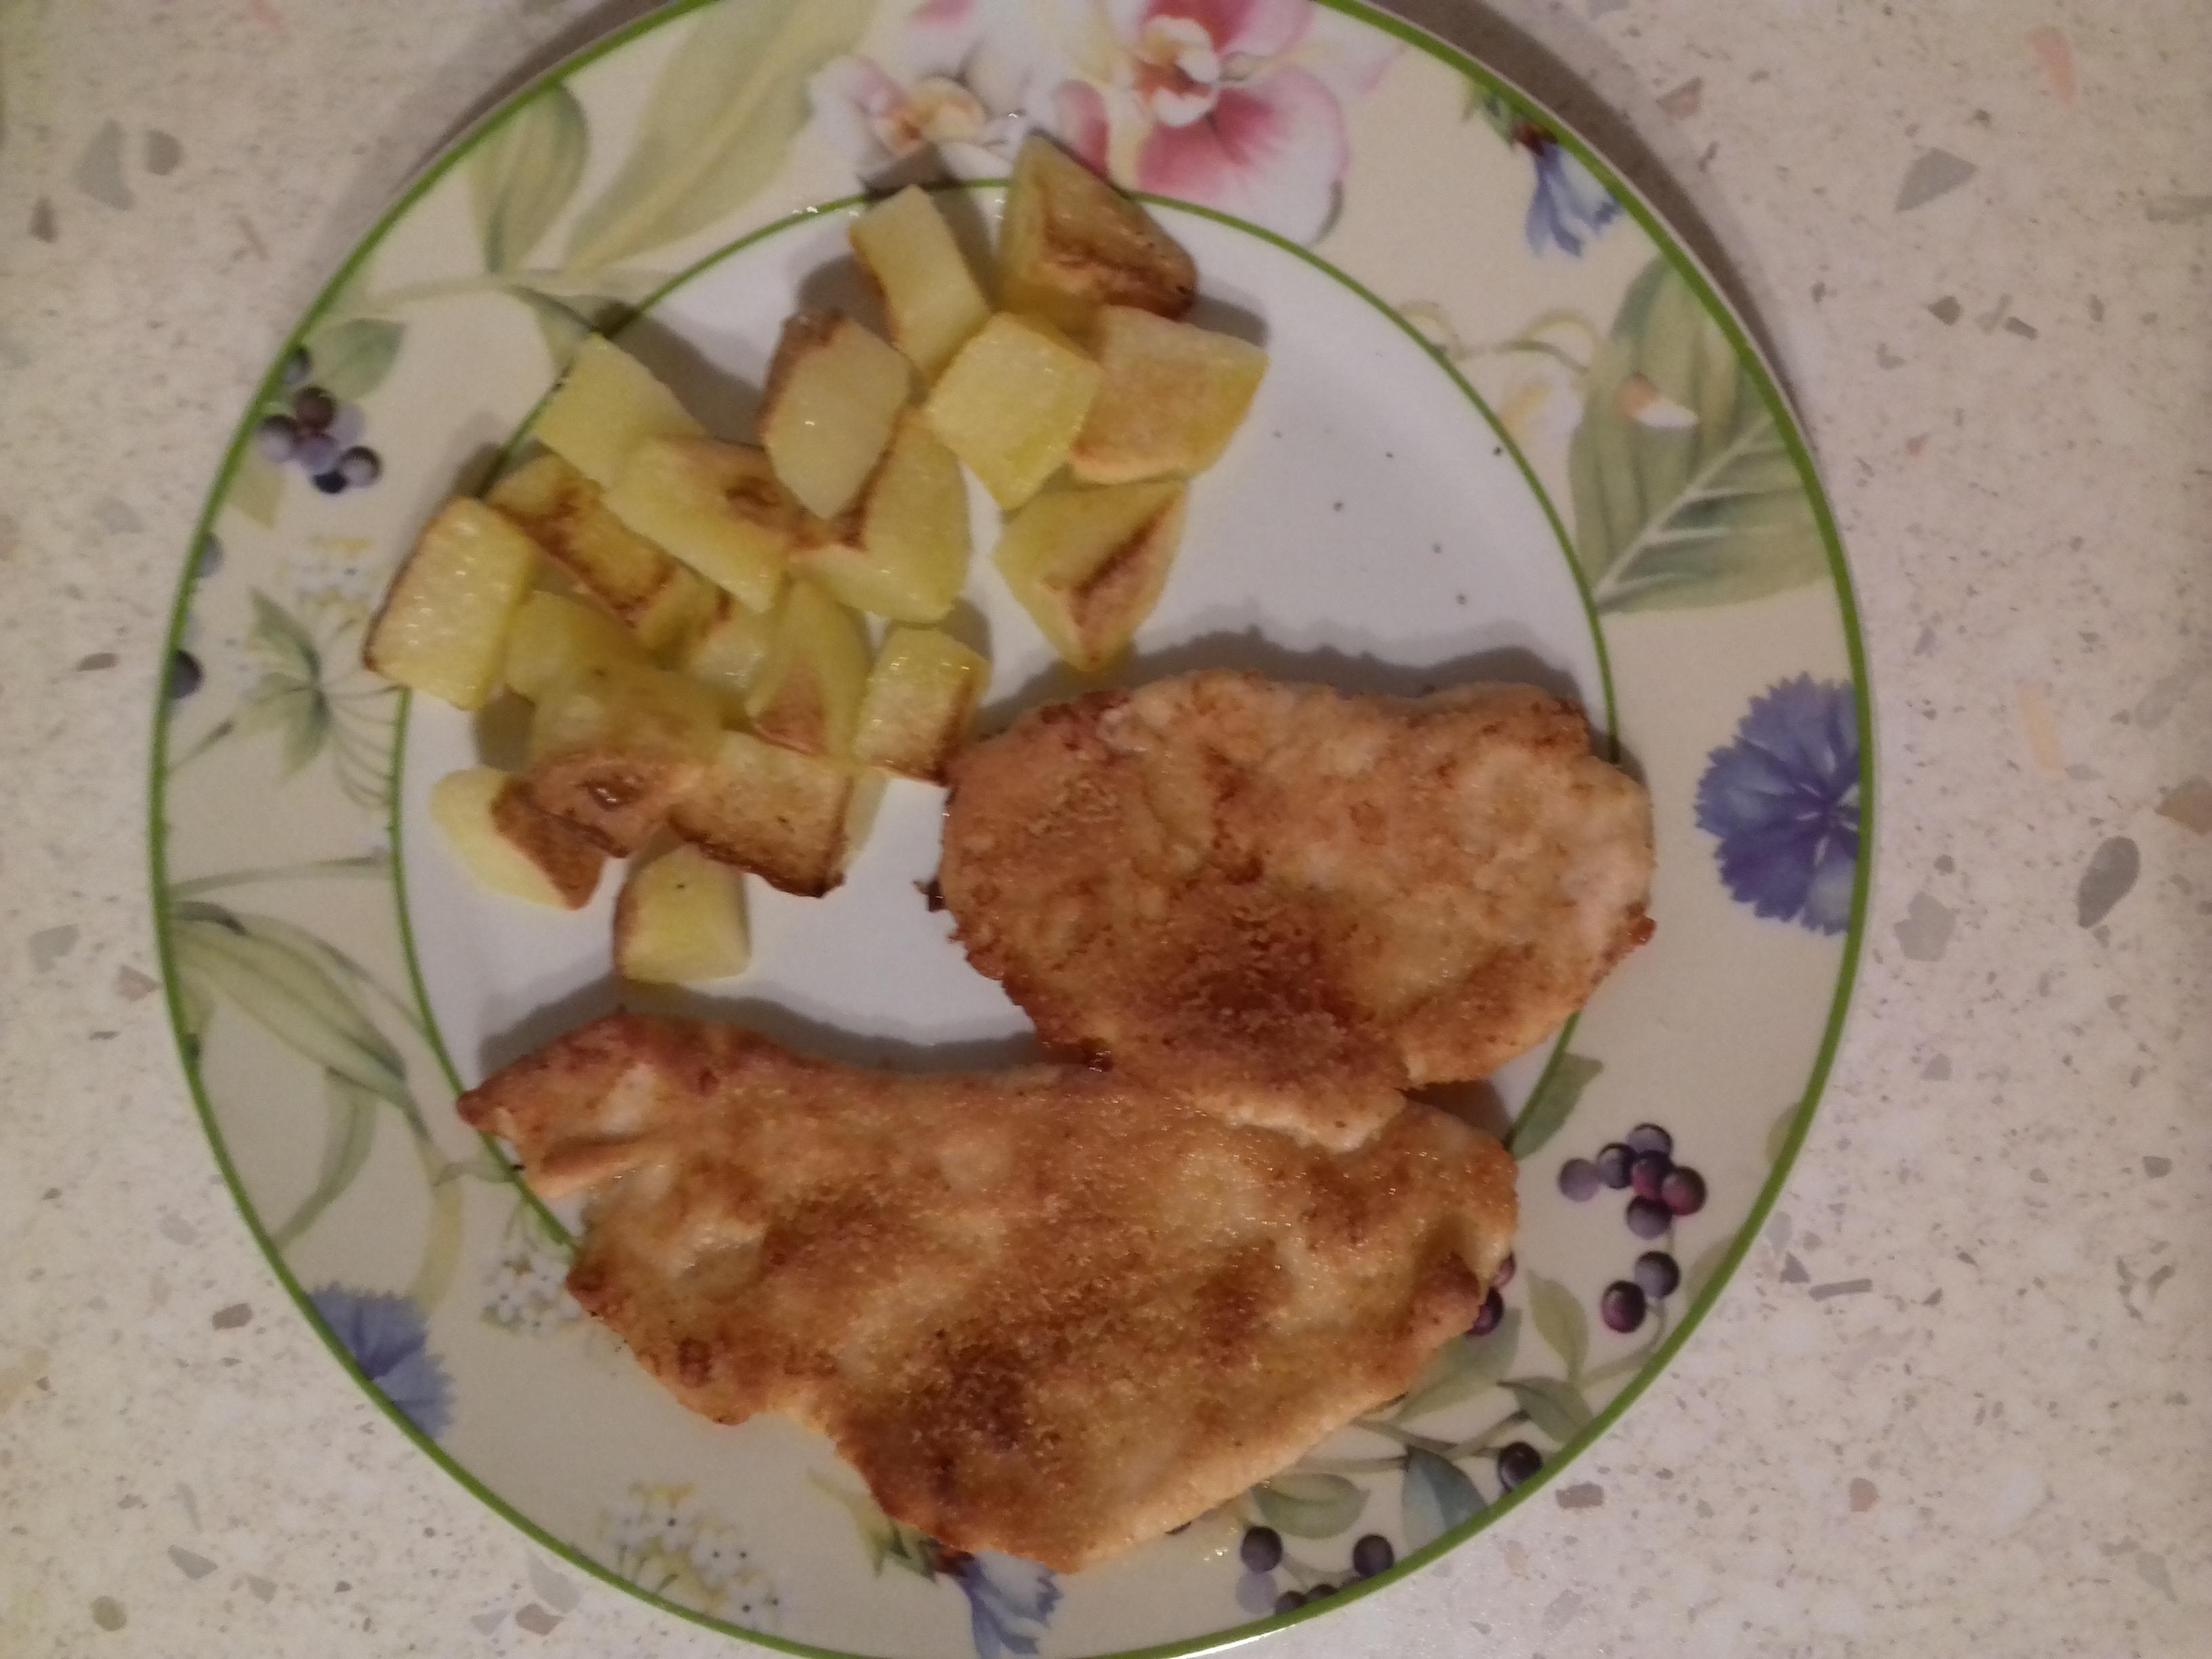 Patate morbide con cotoletta senza glutine di tacchino al forno